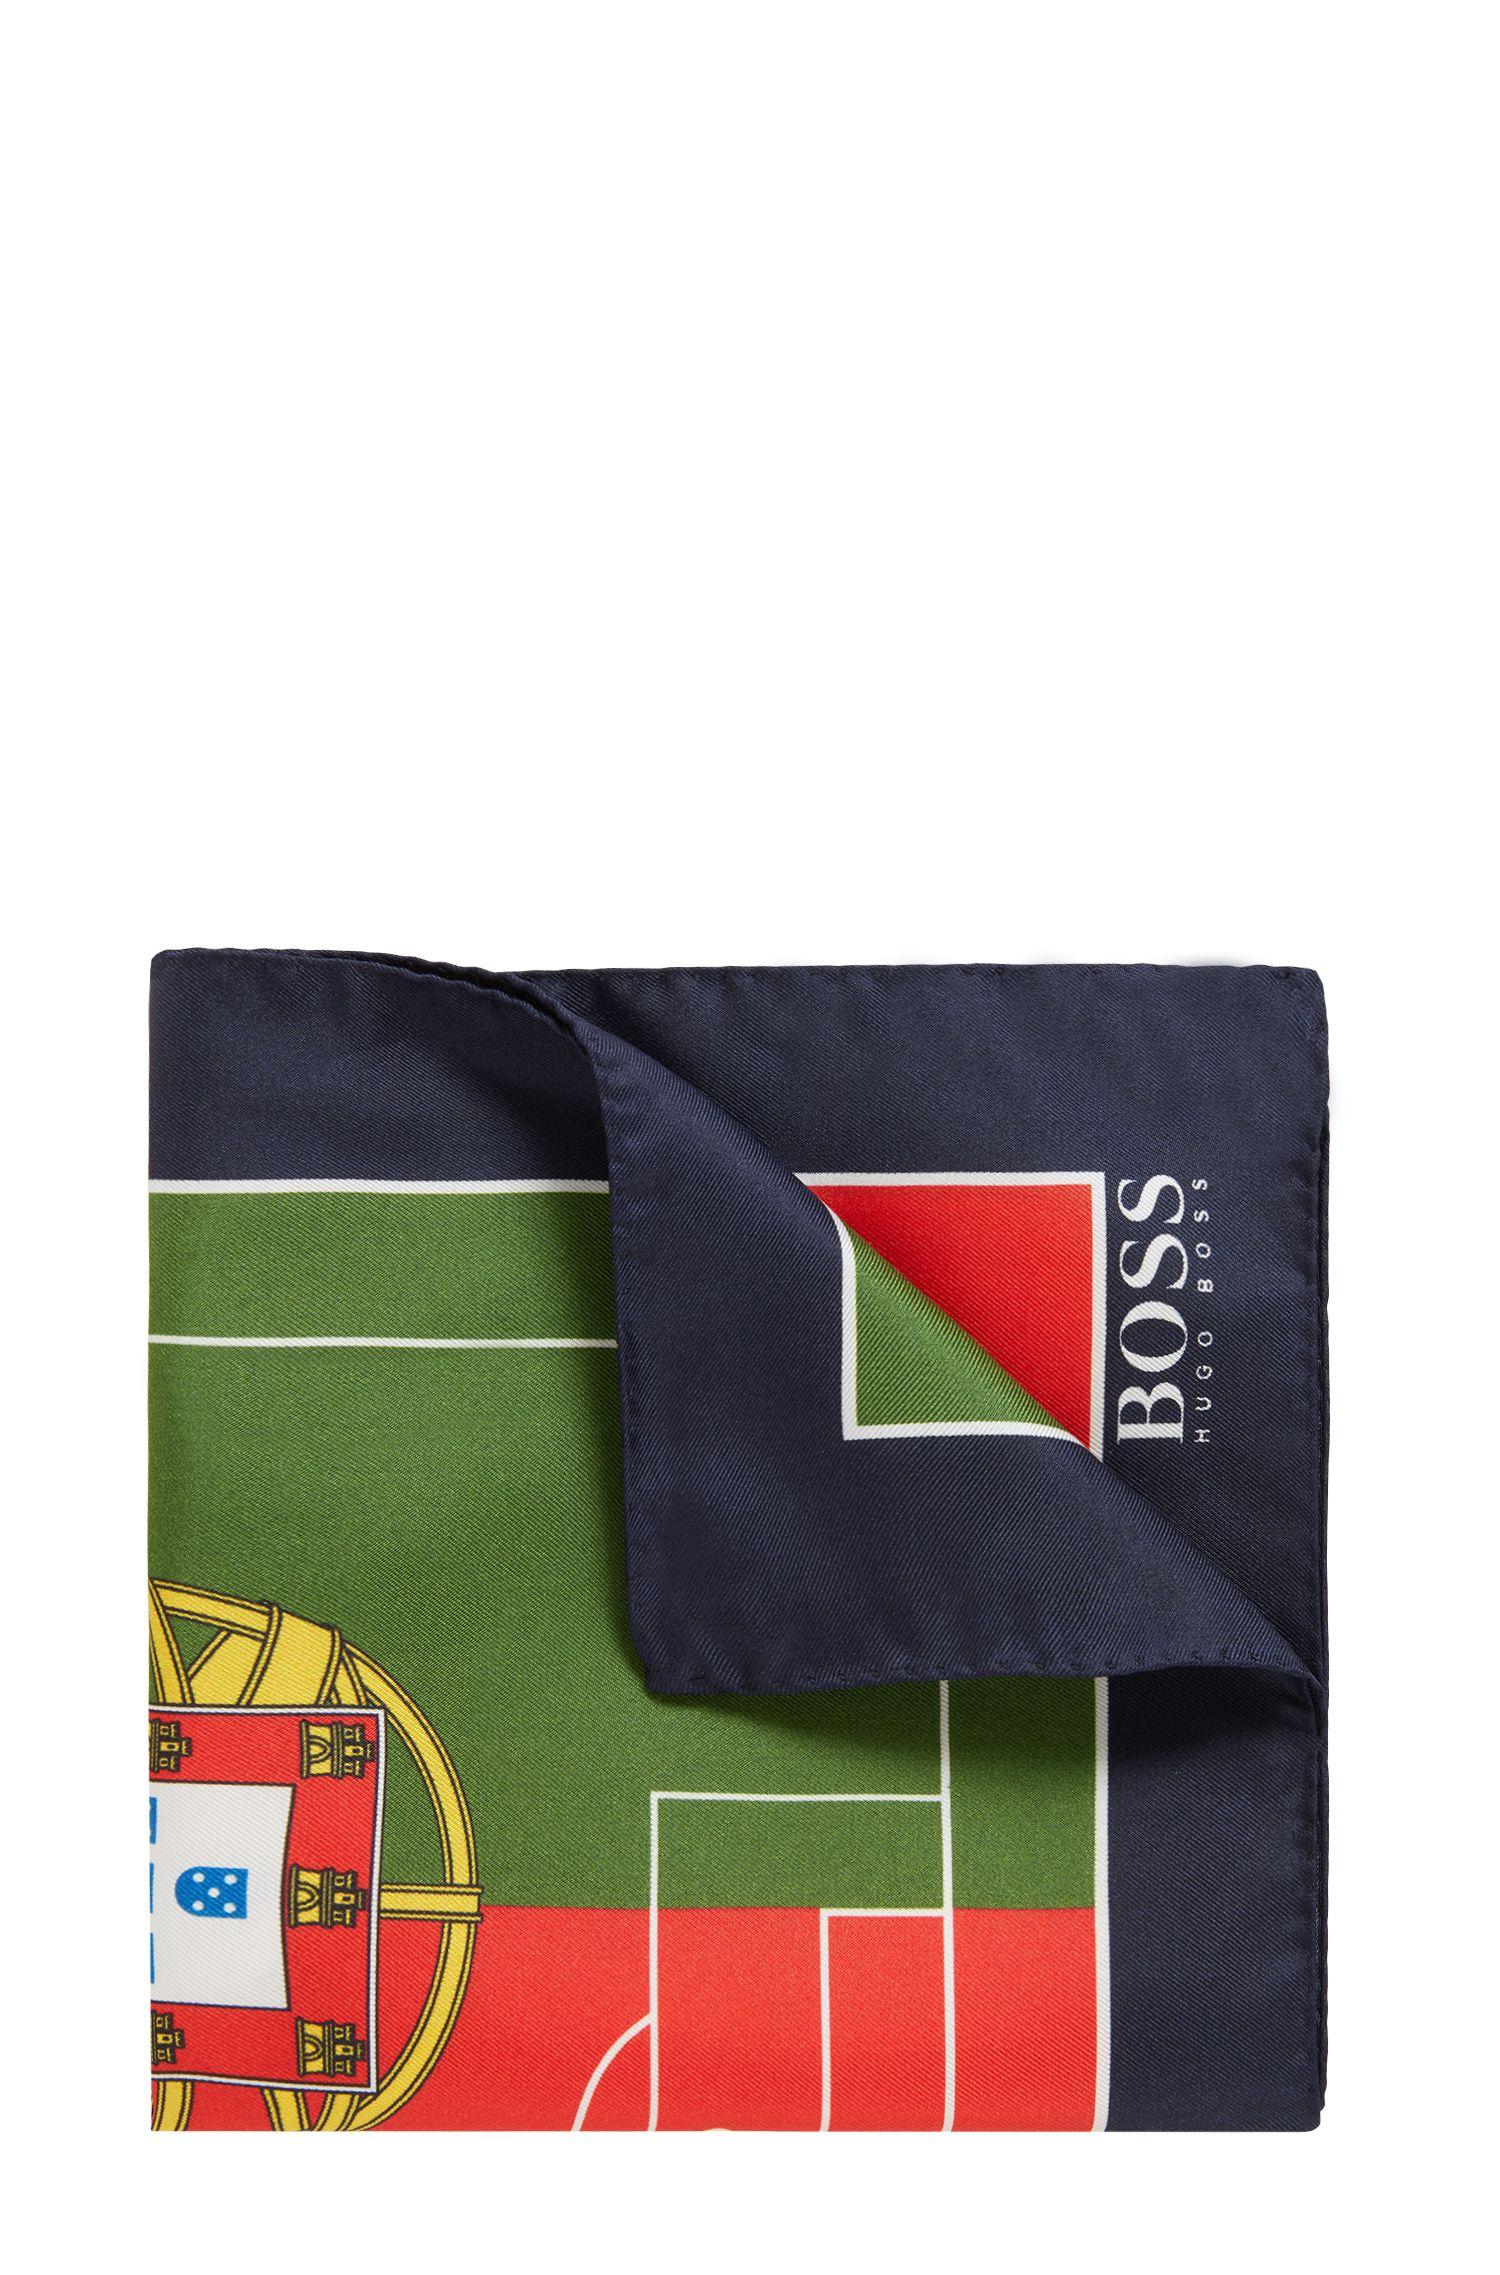 Pochette en soie aux couleurs du drapeau national